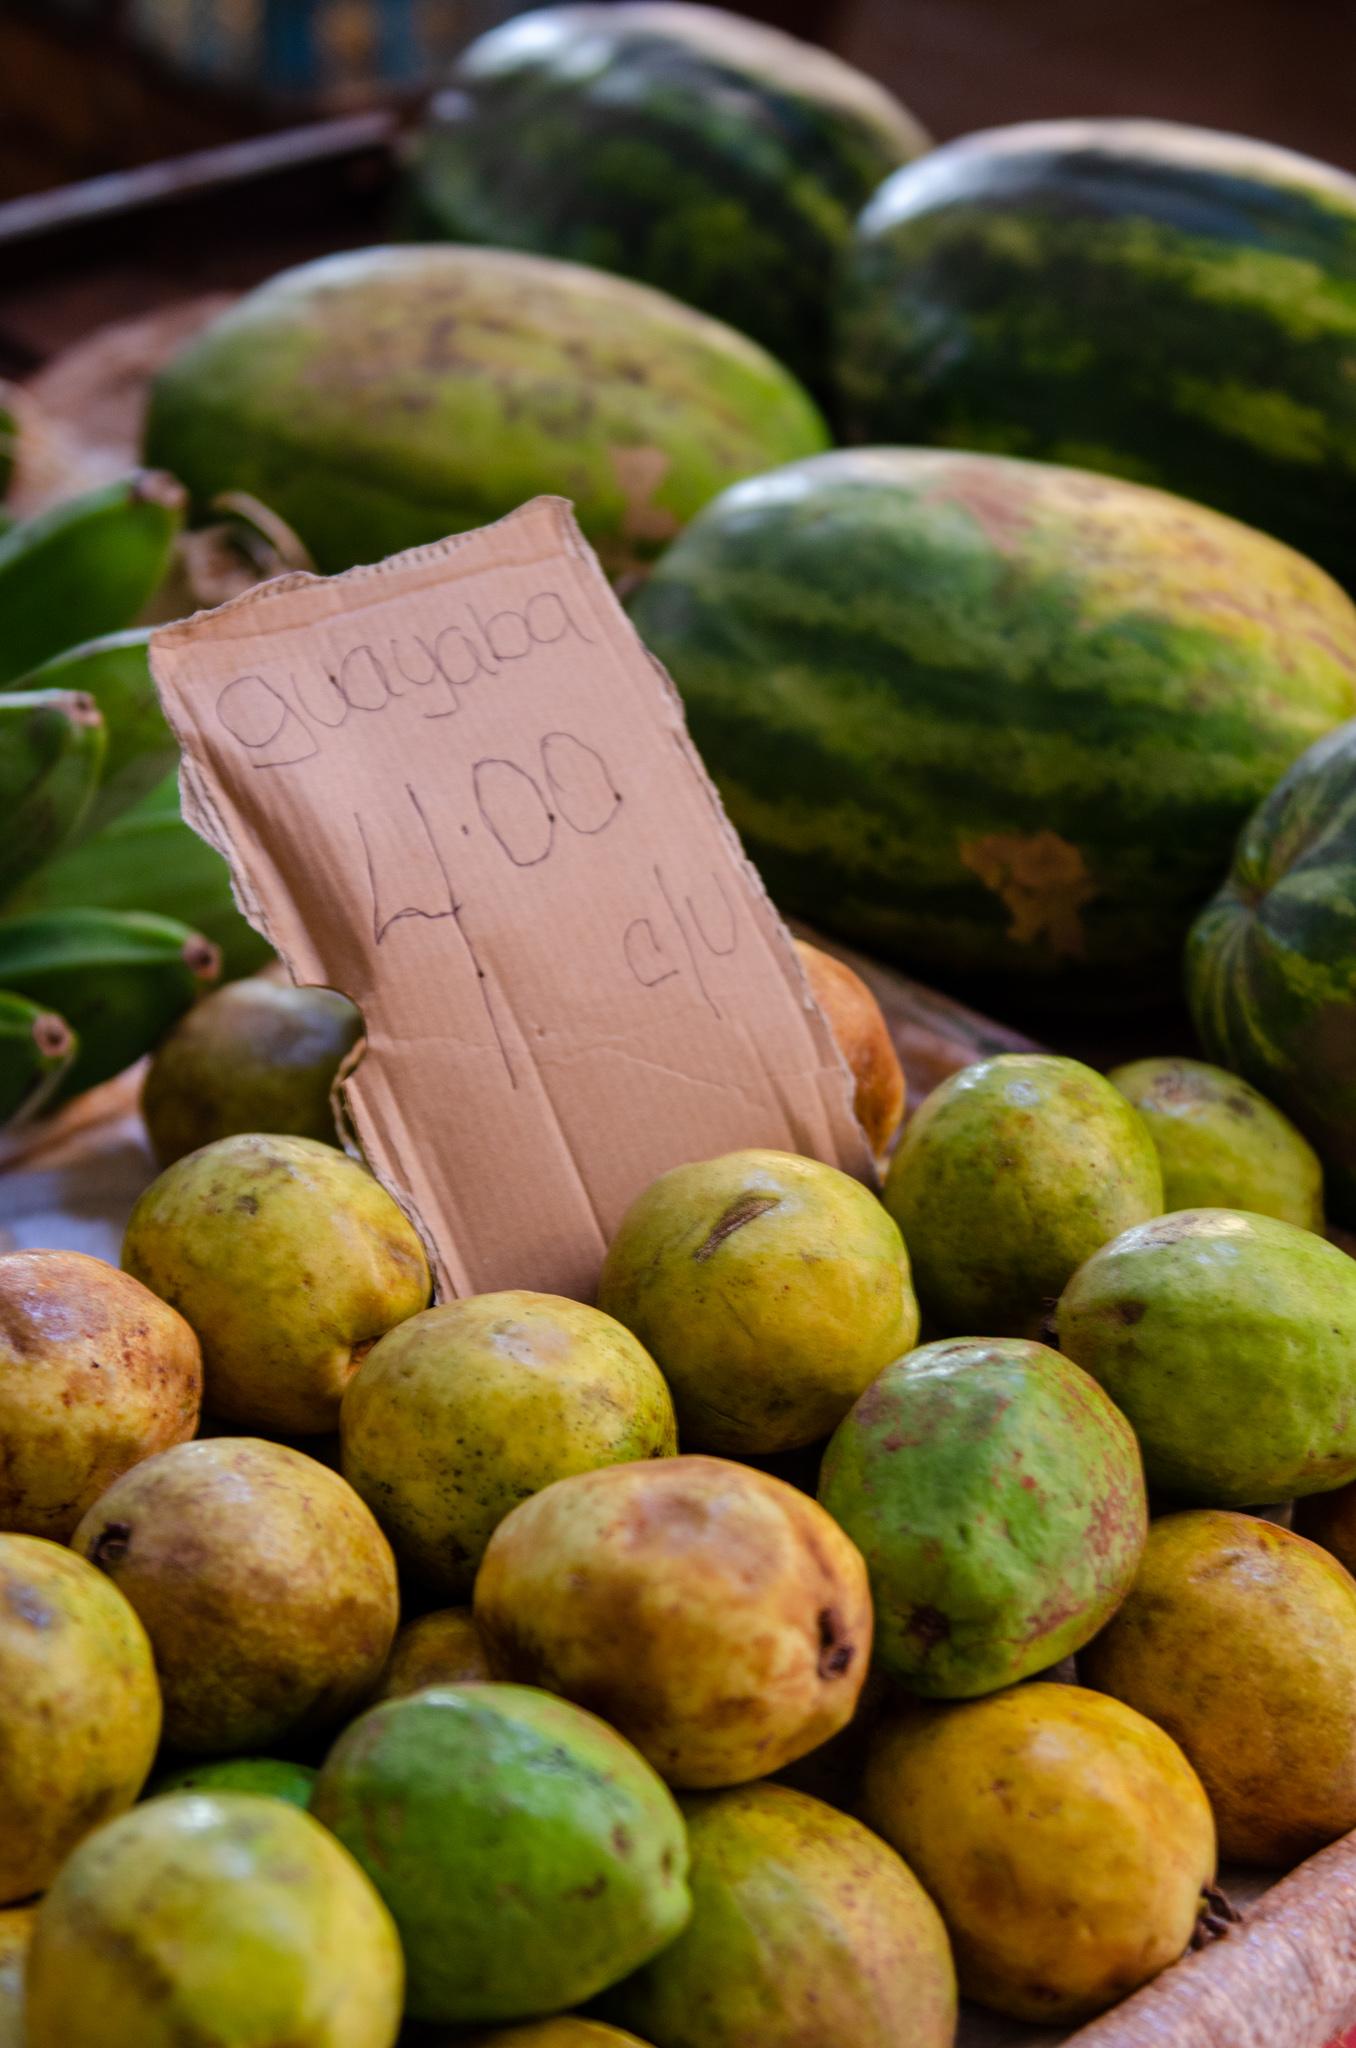 Obst gehört zur kubanischen Küche